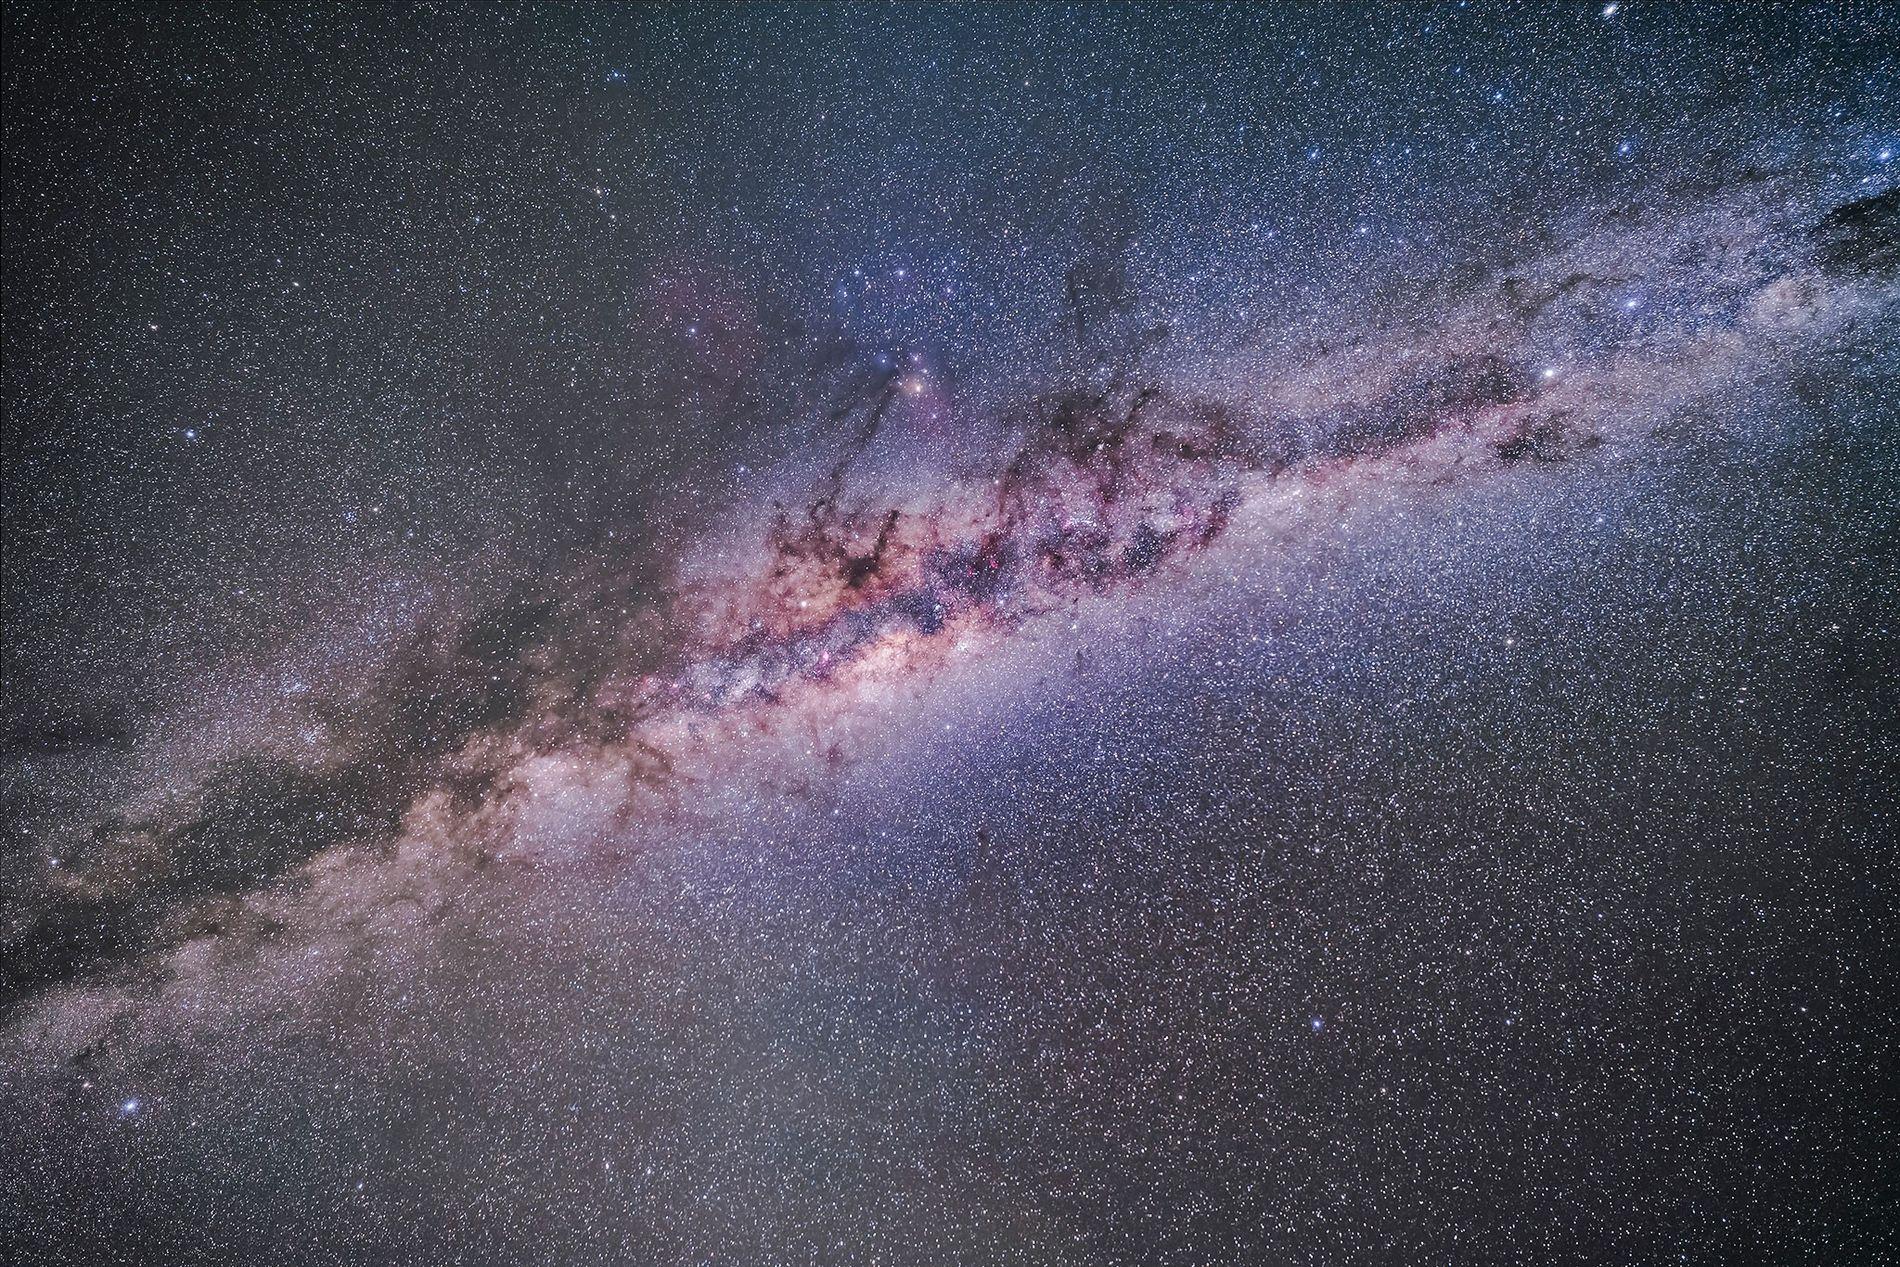 Das Zodiakallicht scheint wie eine Nebelschwade auf diesem Bild der Milchstraße zu liegen.